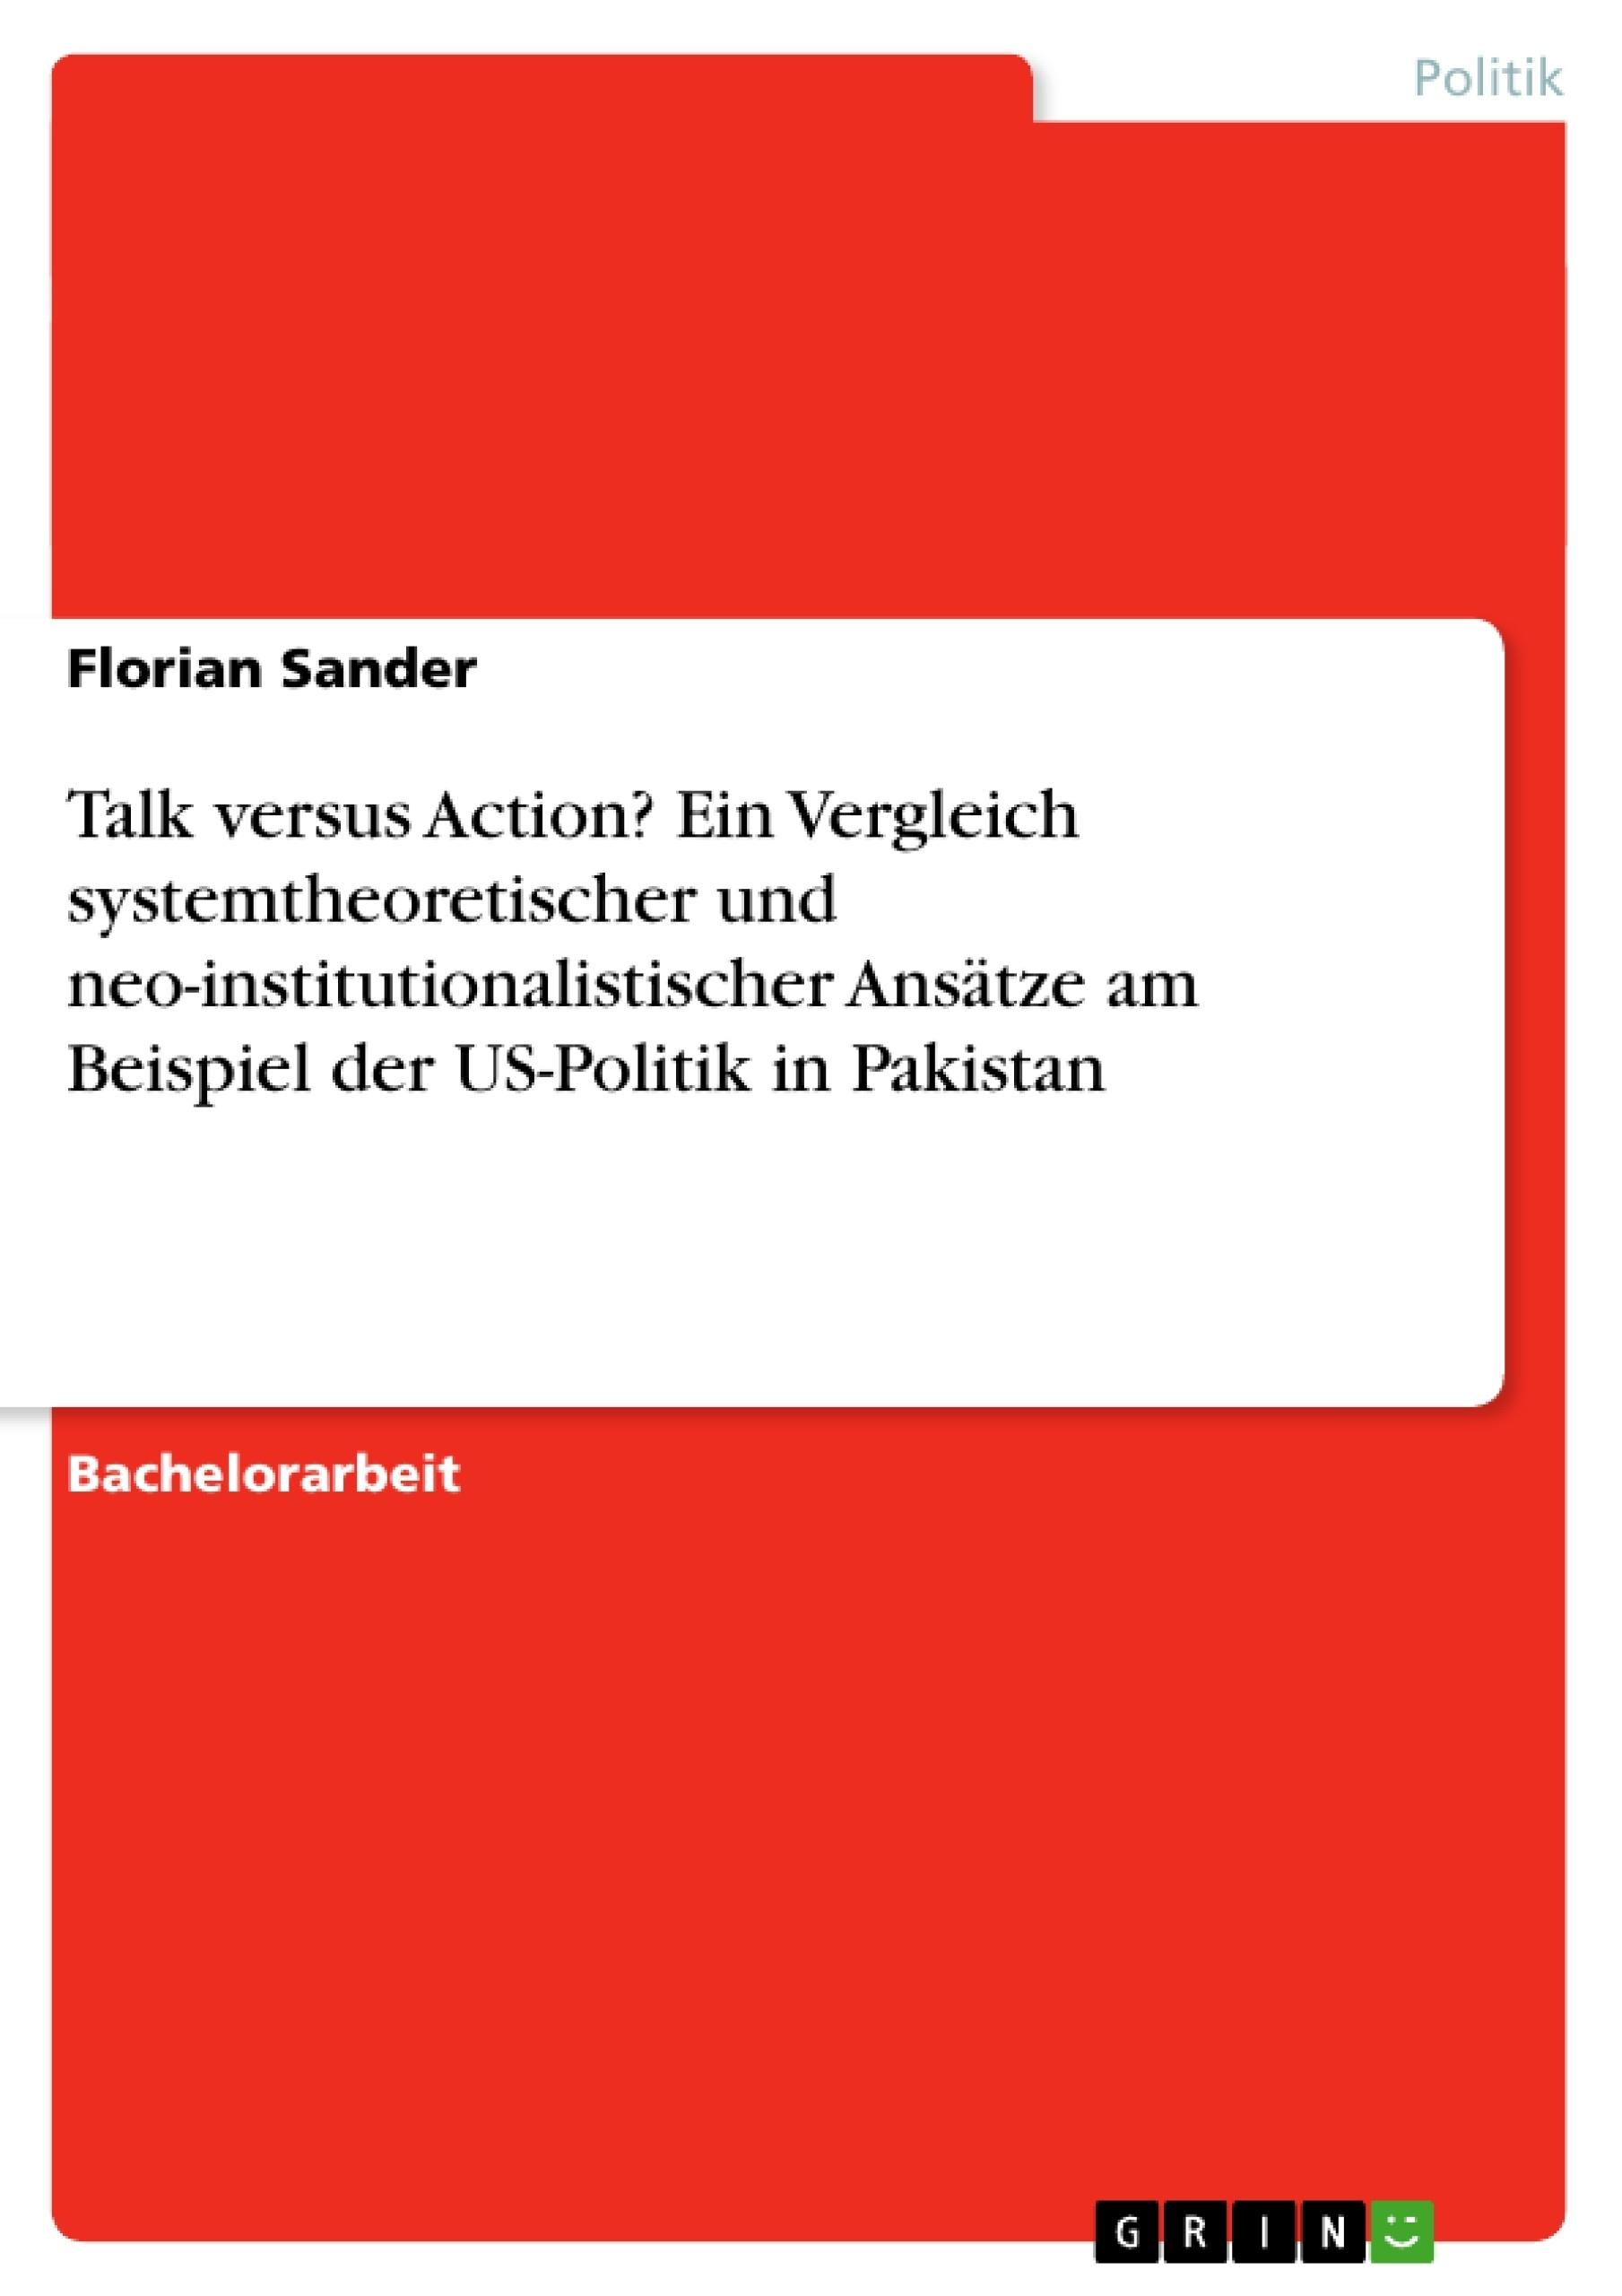 Titel: Talk versus Action? Ein Vergleich systemtheoretischer und neo-institutionalistischer Ansätze am Beispiel der US-Politik in Pakistan